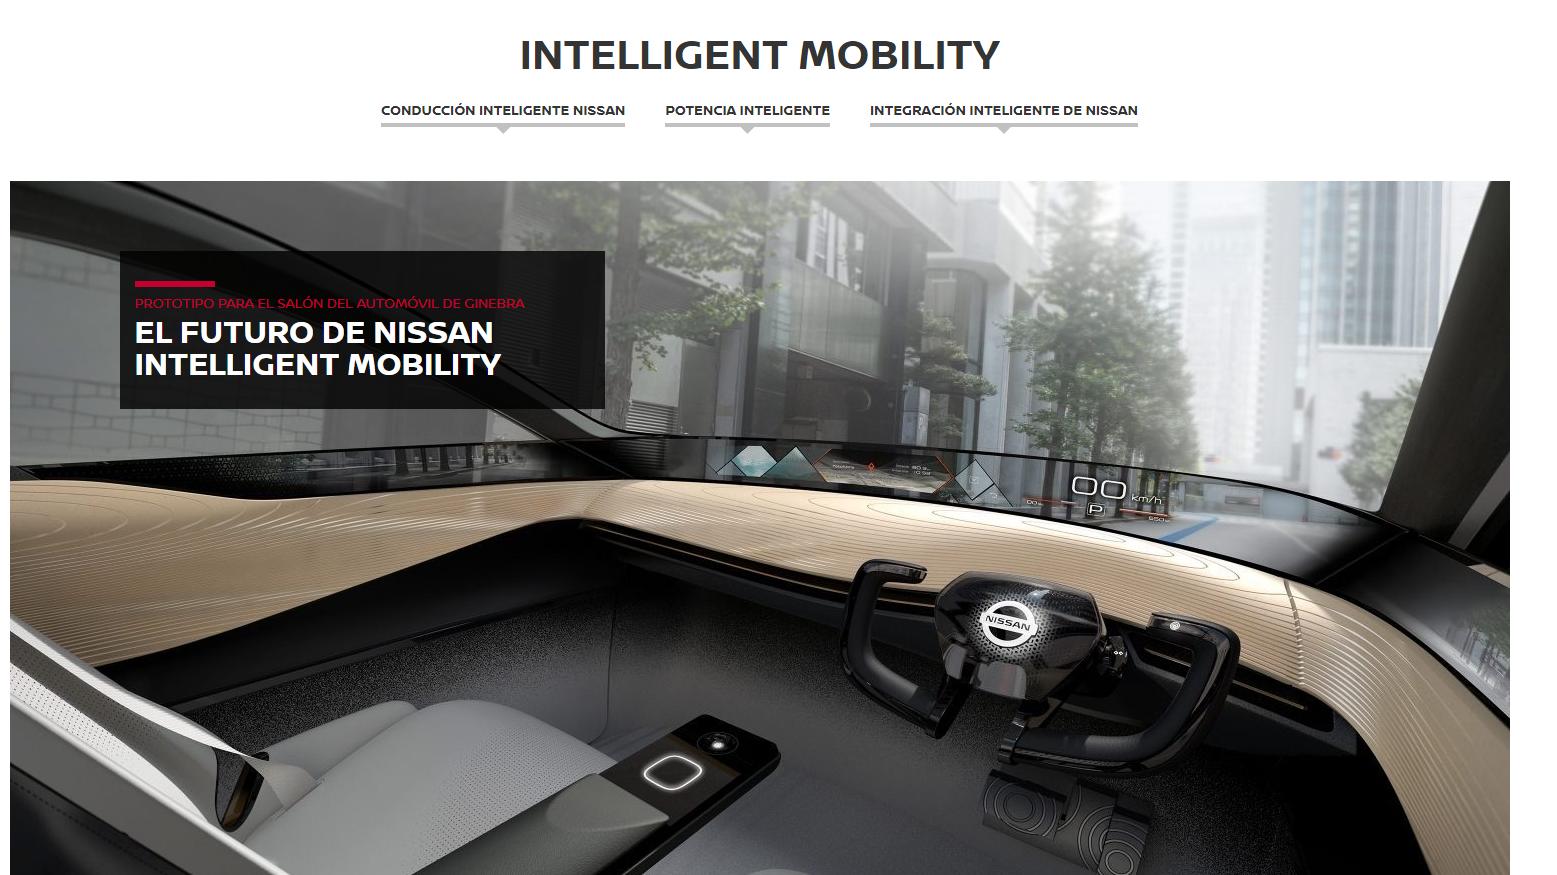 Entrevista Juan Luis Pla Nissan Foro Movilidad Alternativa